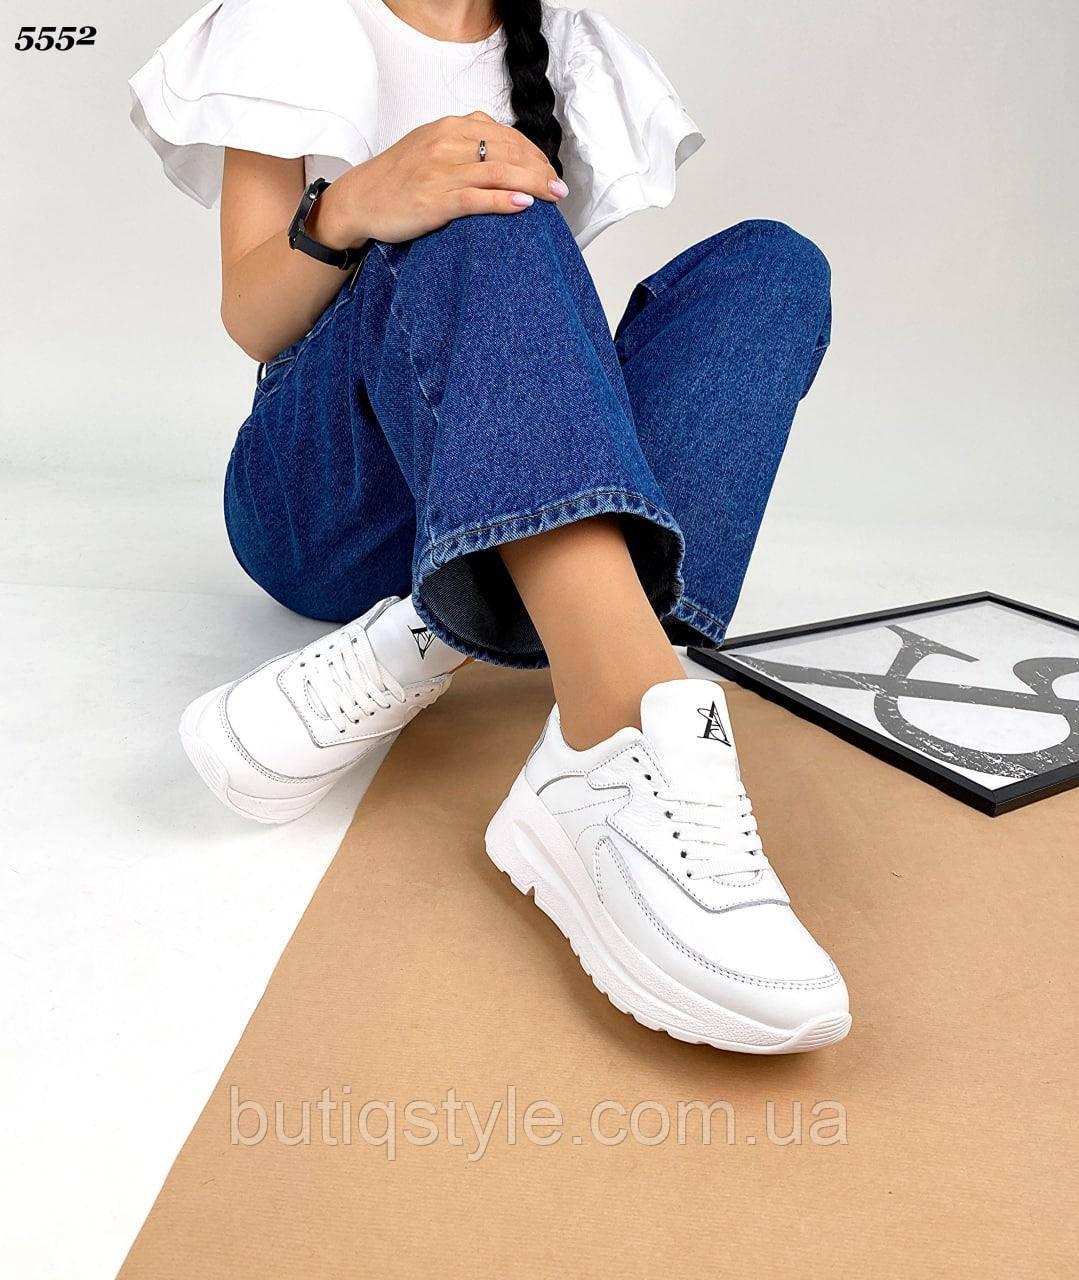 Жіночі білі кросівки натуральна шкіра